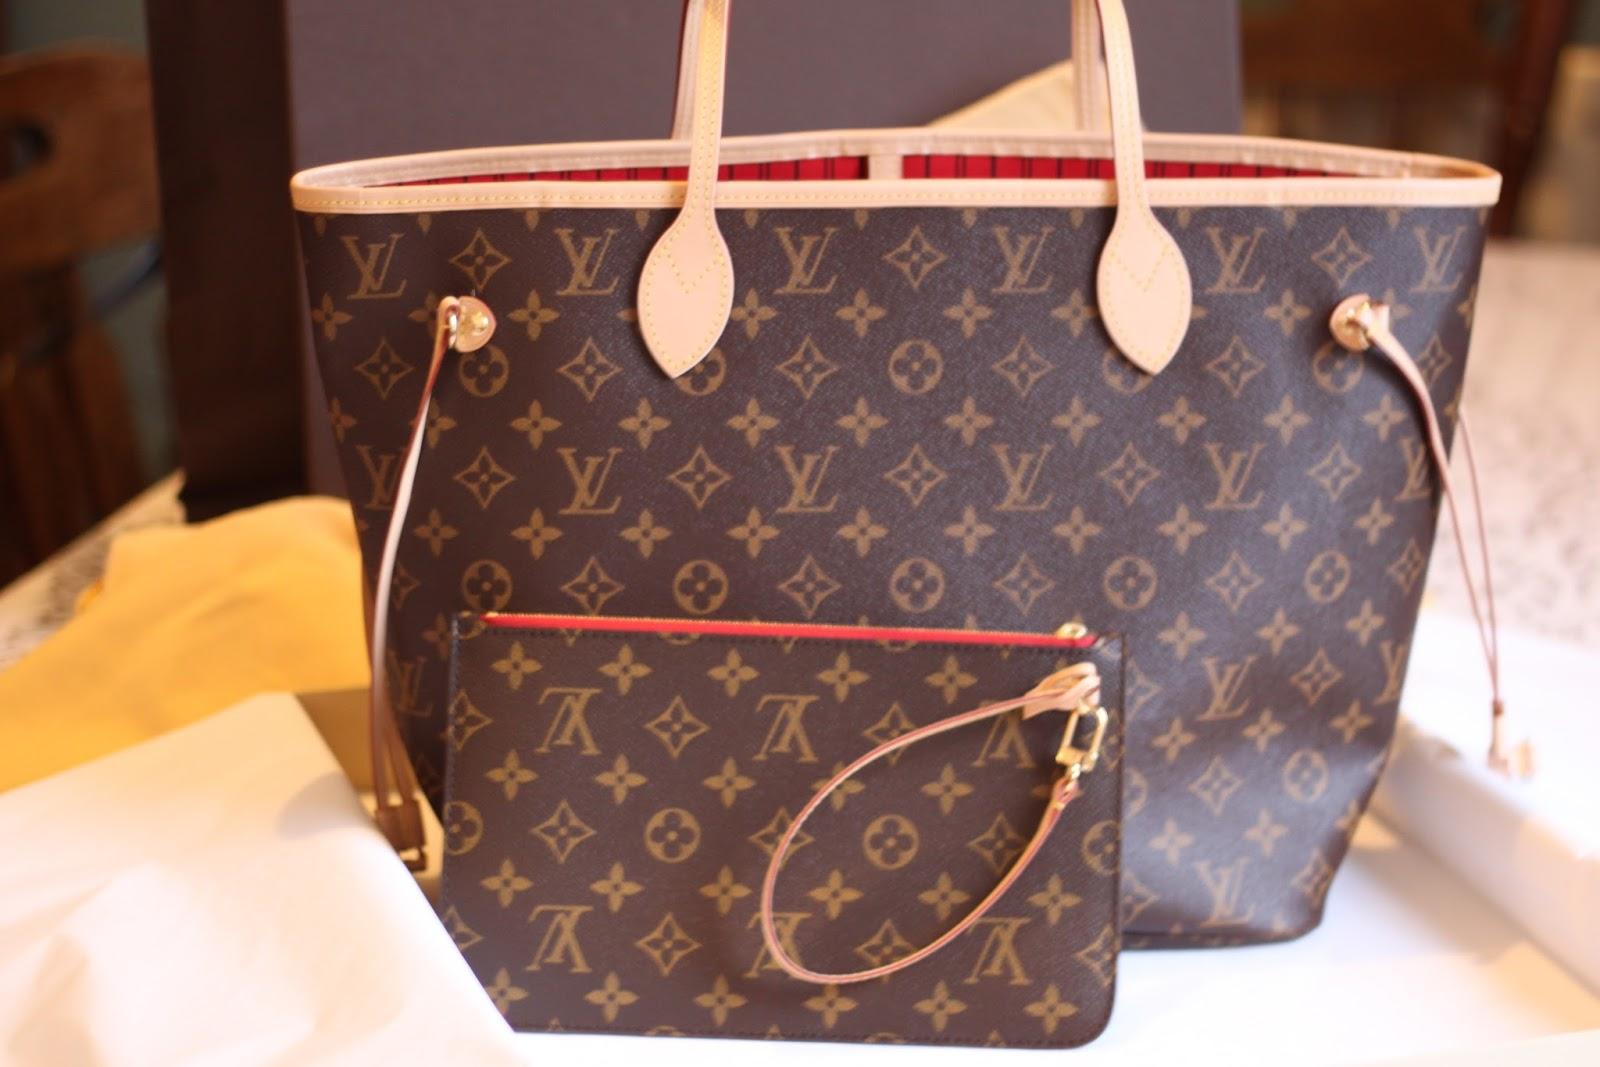 Bag and wristlet